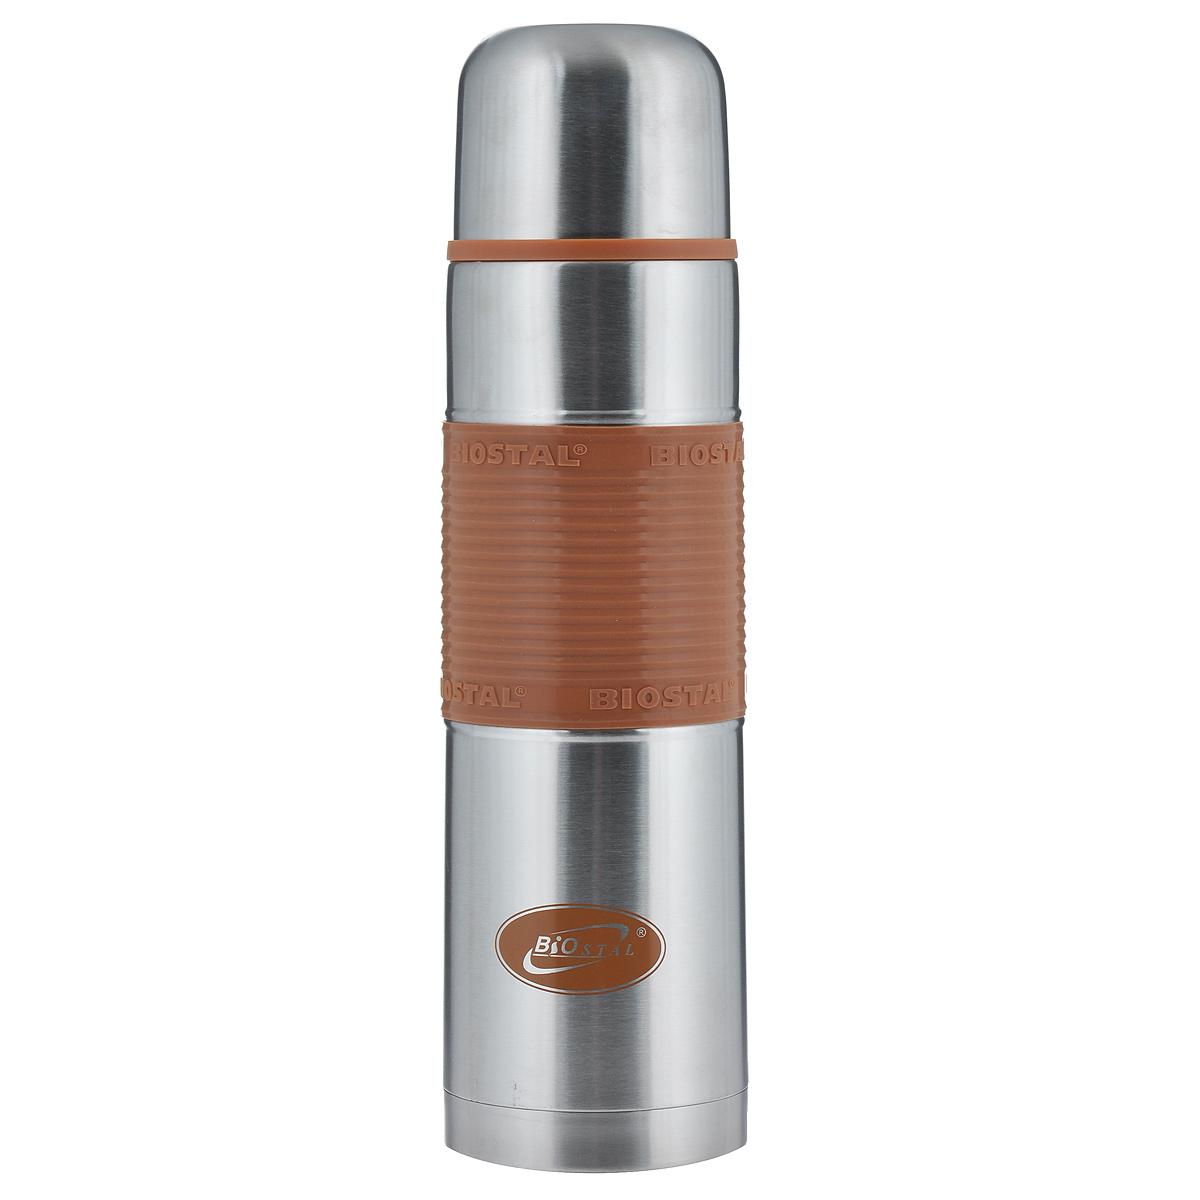 Термос BIOSTAL Fler, цвет: мокко, 1 л. NB-1000P-CNB-1000P-CТермос с узким горлом BIOSTAL Fler, изготовленный из высококачественной нержавеющей стали, относится к классической серии. Термосы этой серии, являющейся лидером продаж, просты в использовании, экономичны и многофункциональны. Термос предназначен для хранения горячих и холодных напитков (чая, кофе) и укомплектован пробкой с кнопкой. Такая пробка удобна в использовании и позволяет, не отвинчивая ее, наливать напитки после простого нажатия. Изделие также оснащено крышкой-чашкой и удобной цветной силиконовой вставкой. Легкий и прочный термос BIOSTAL Fler сохранит ваши напитки горячими или холодными надолго.